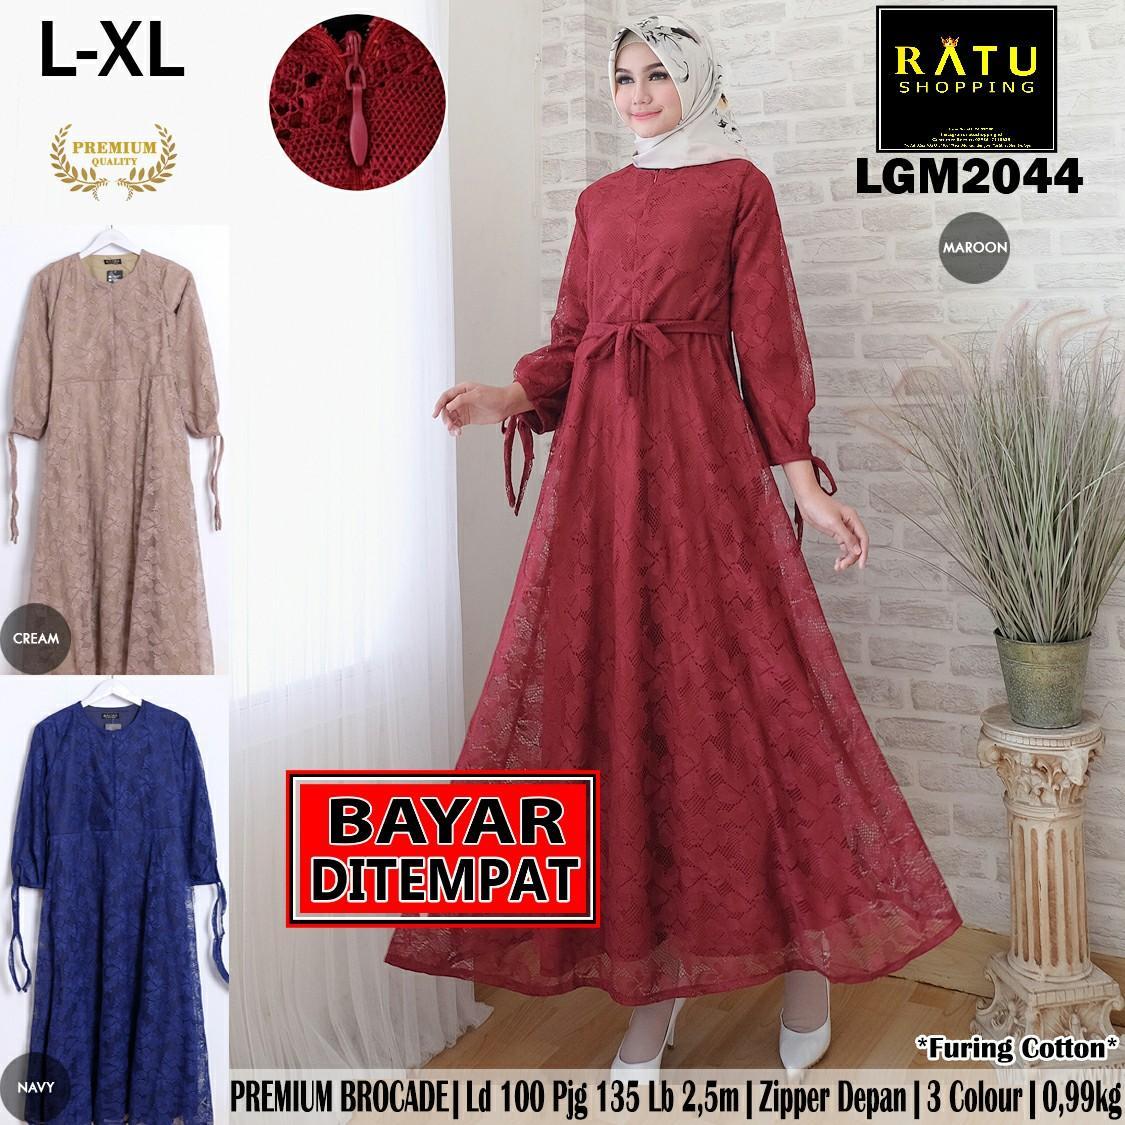 RATU SHOPPING Gamis brukat brokade real pic L XL gamis cantik gamis fashion muslim gamis trendy kekinian elegan murah trendy